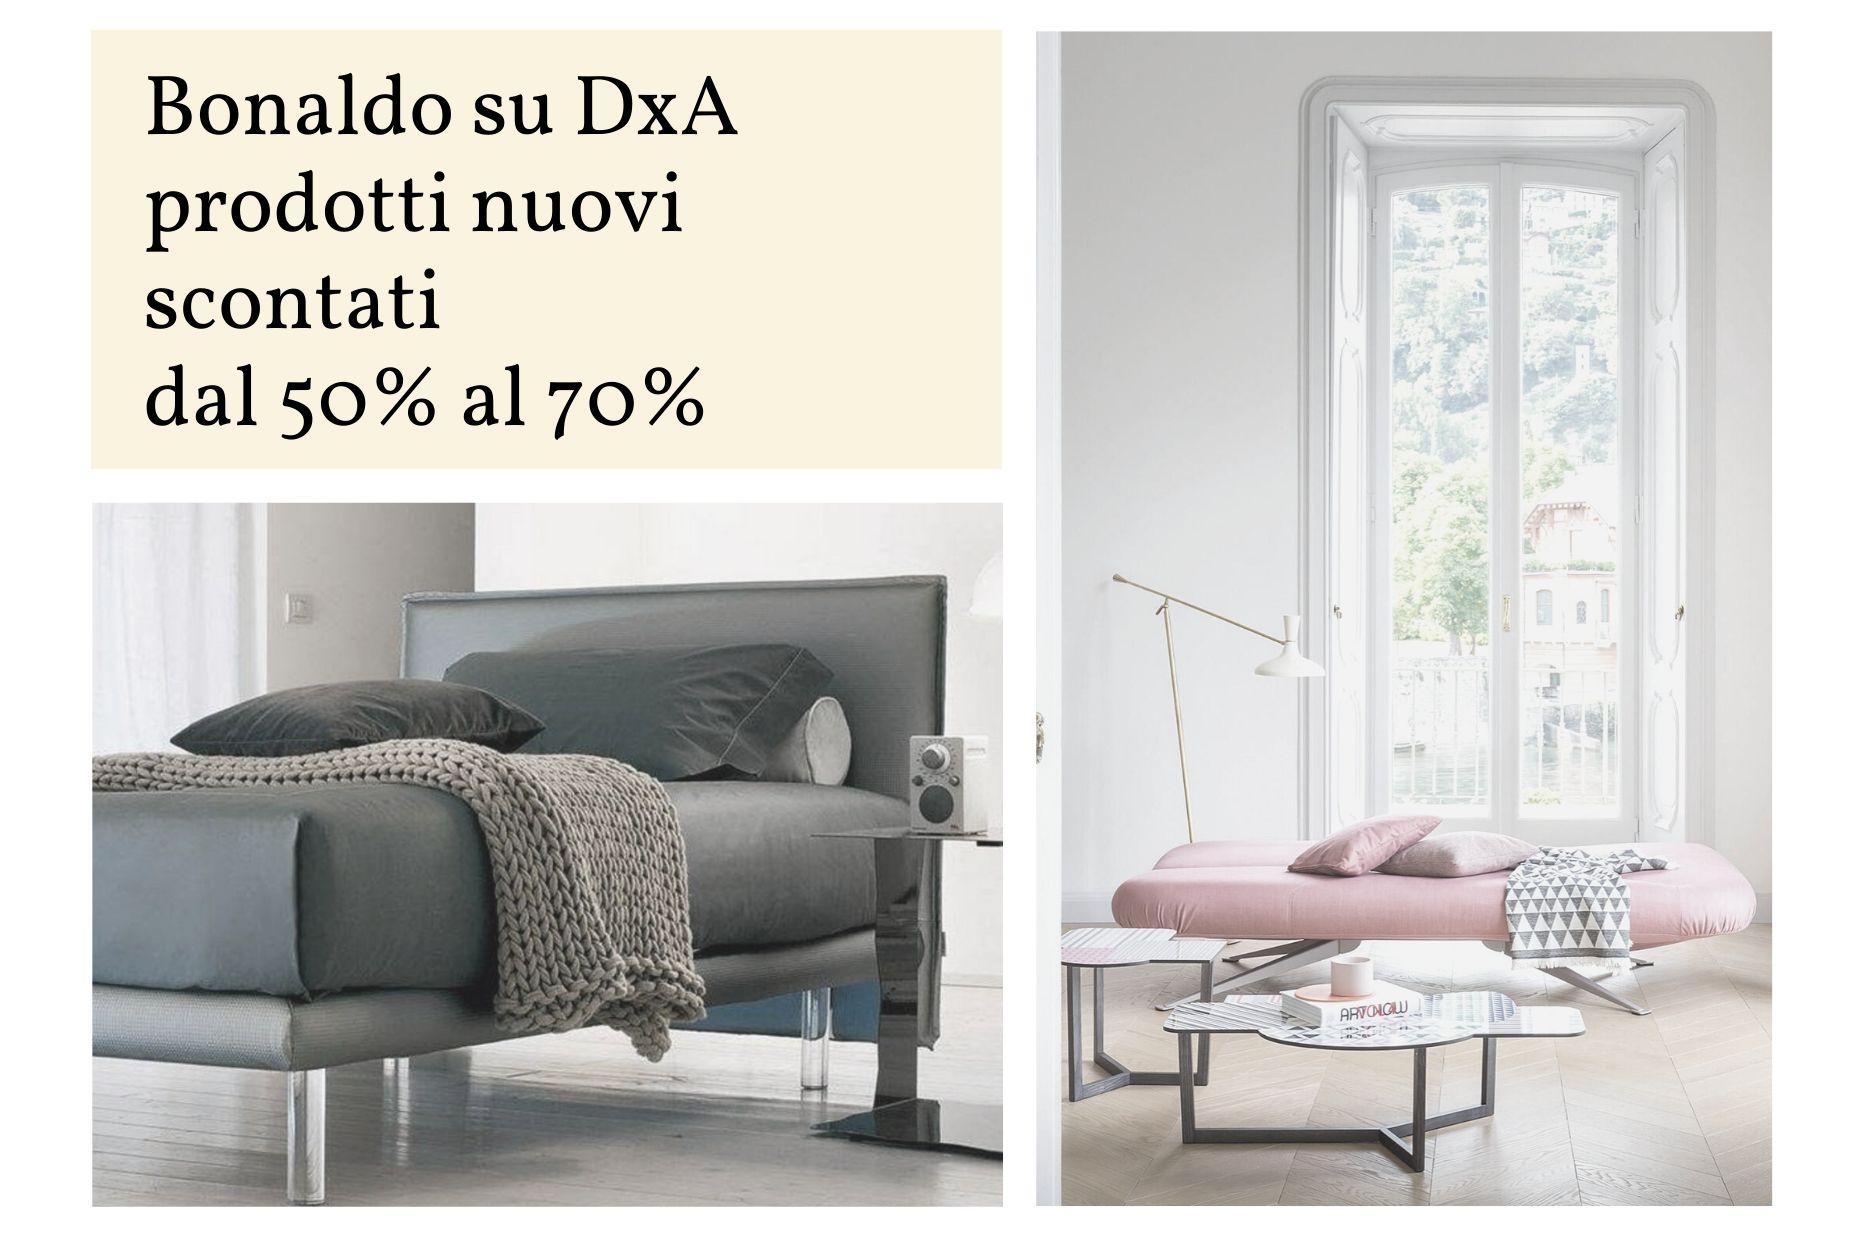 Bonaldo su DxA Sconti dal 50% al 70%